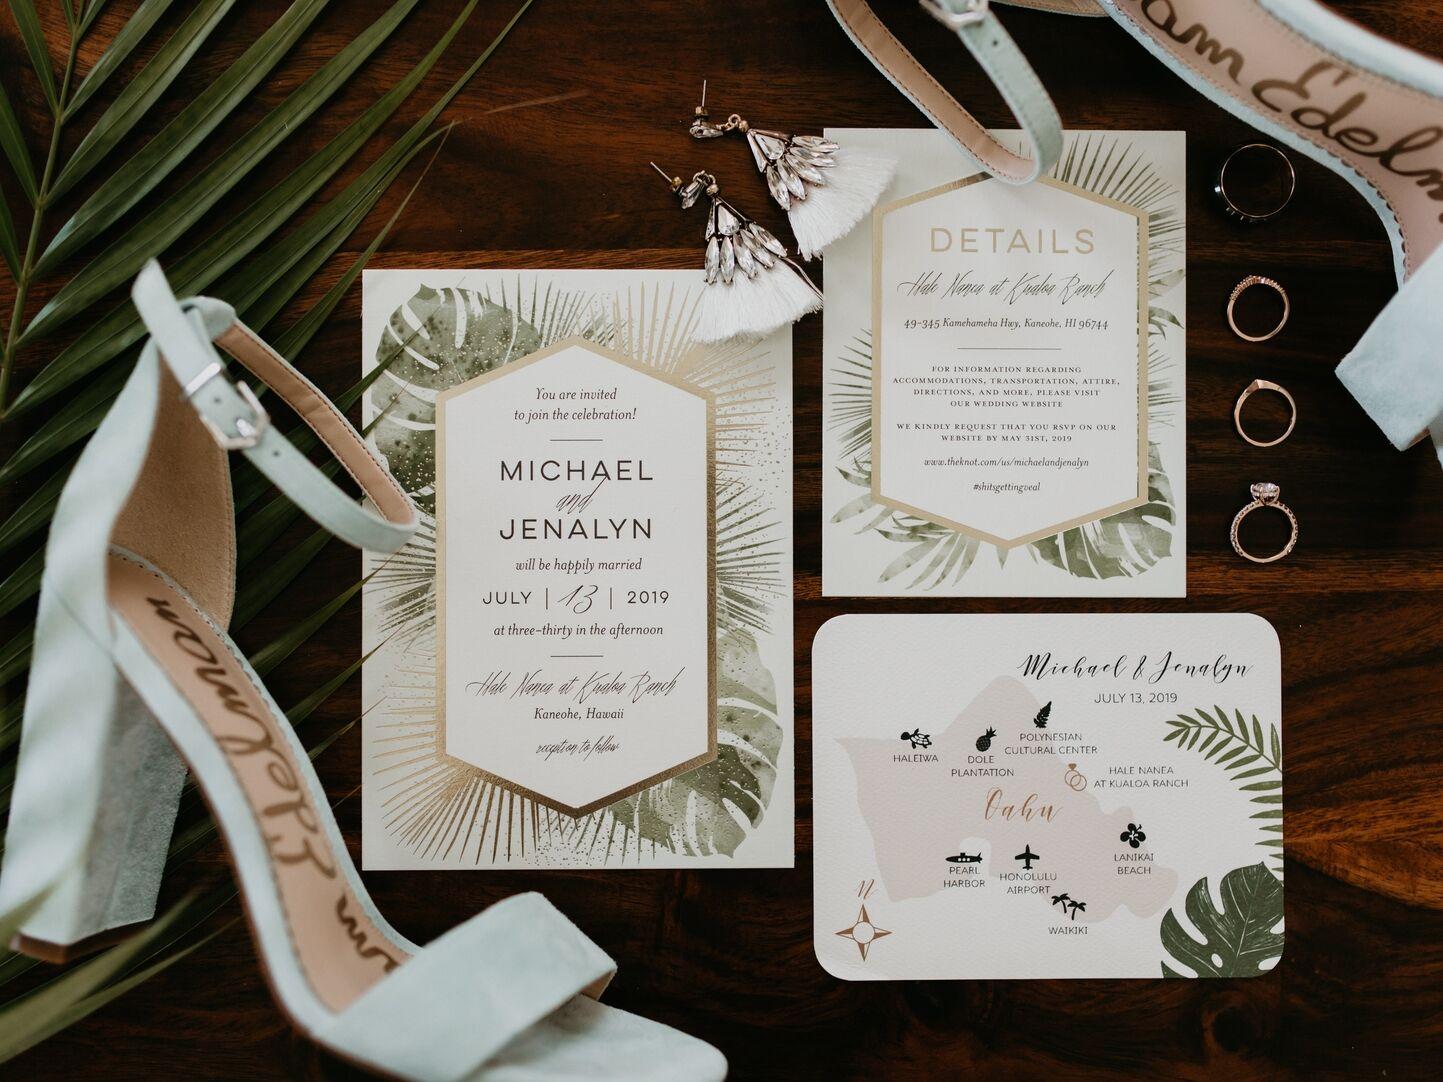 Top 10 Wedding Invitation Etiquette